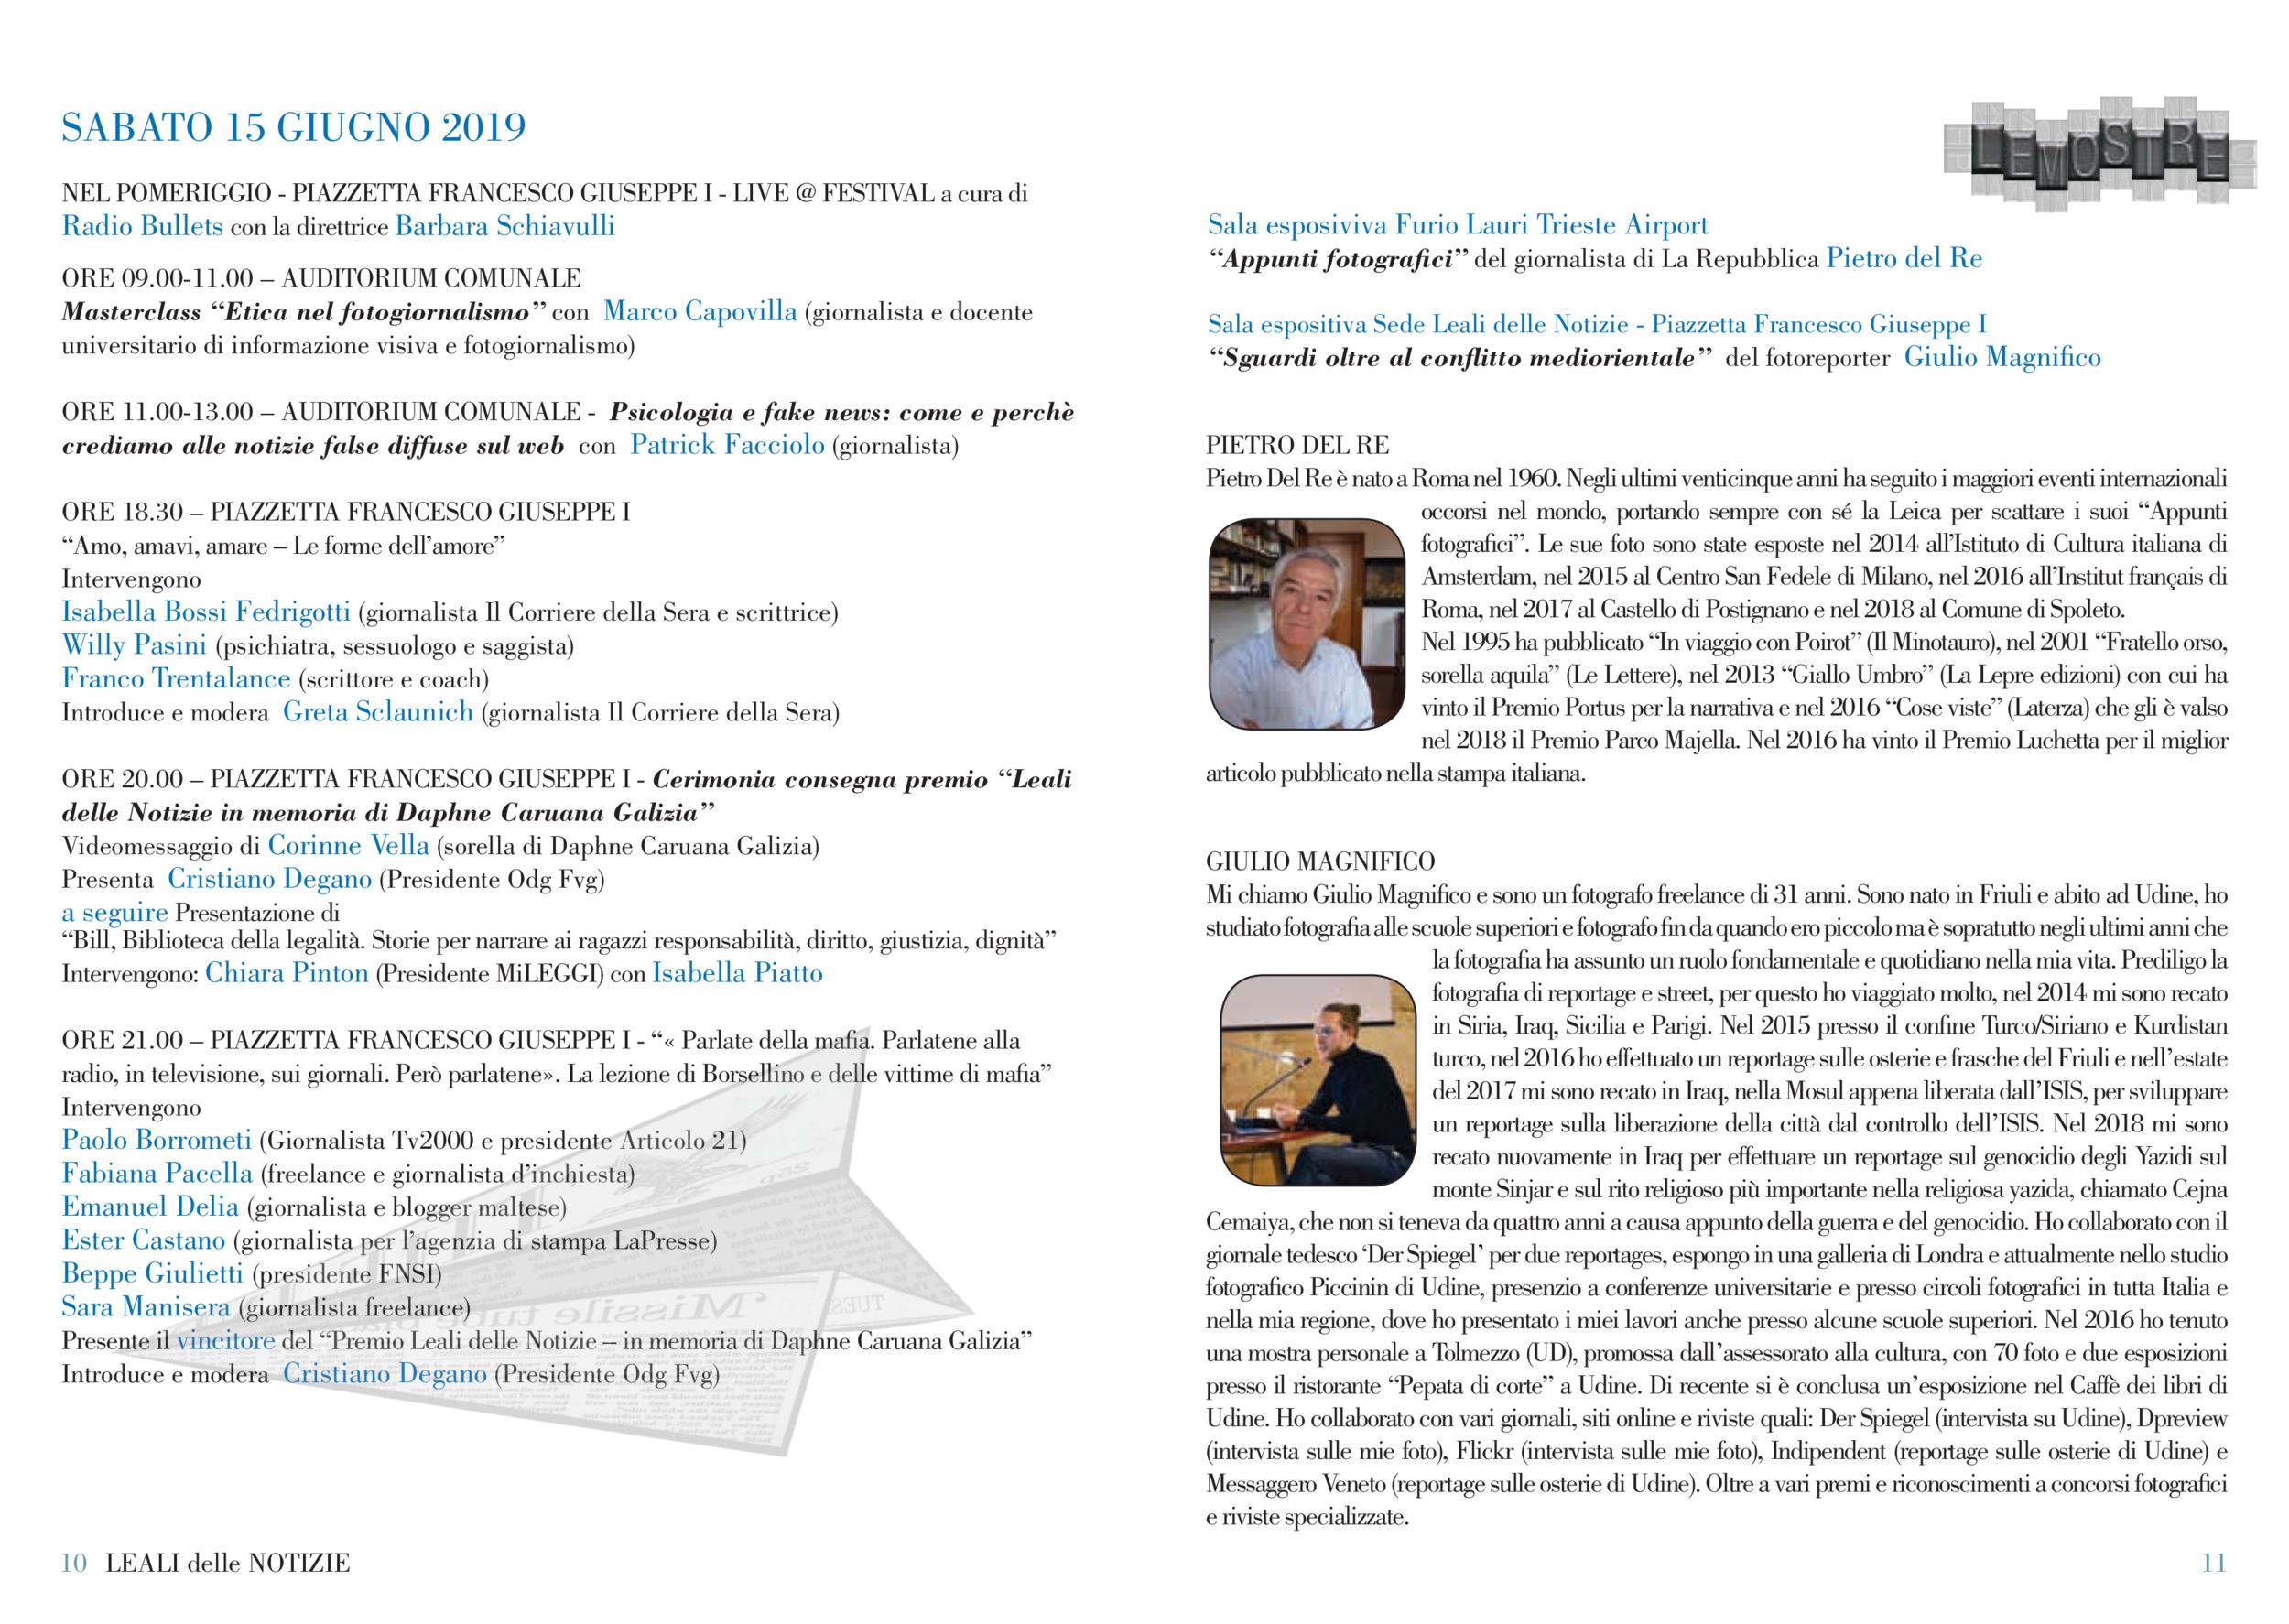 programma-festival-del-giornalismo-2019-6-2.PNG